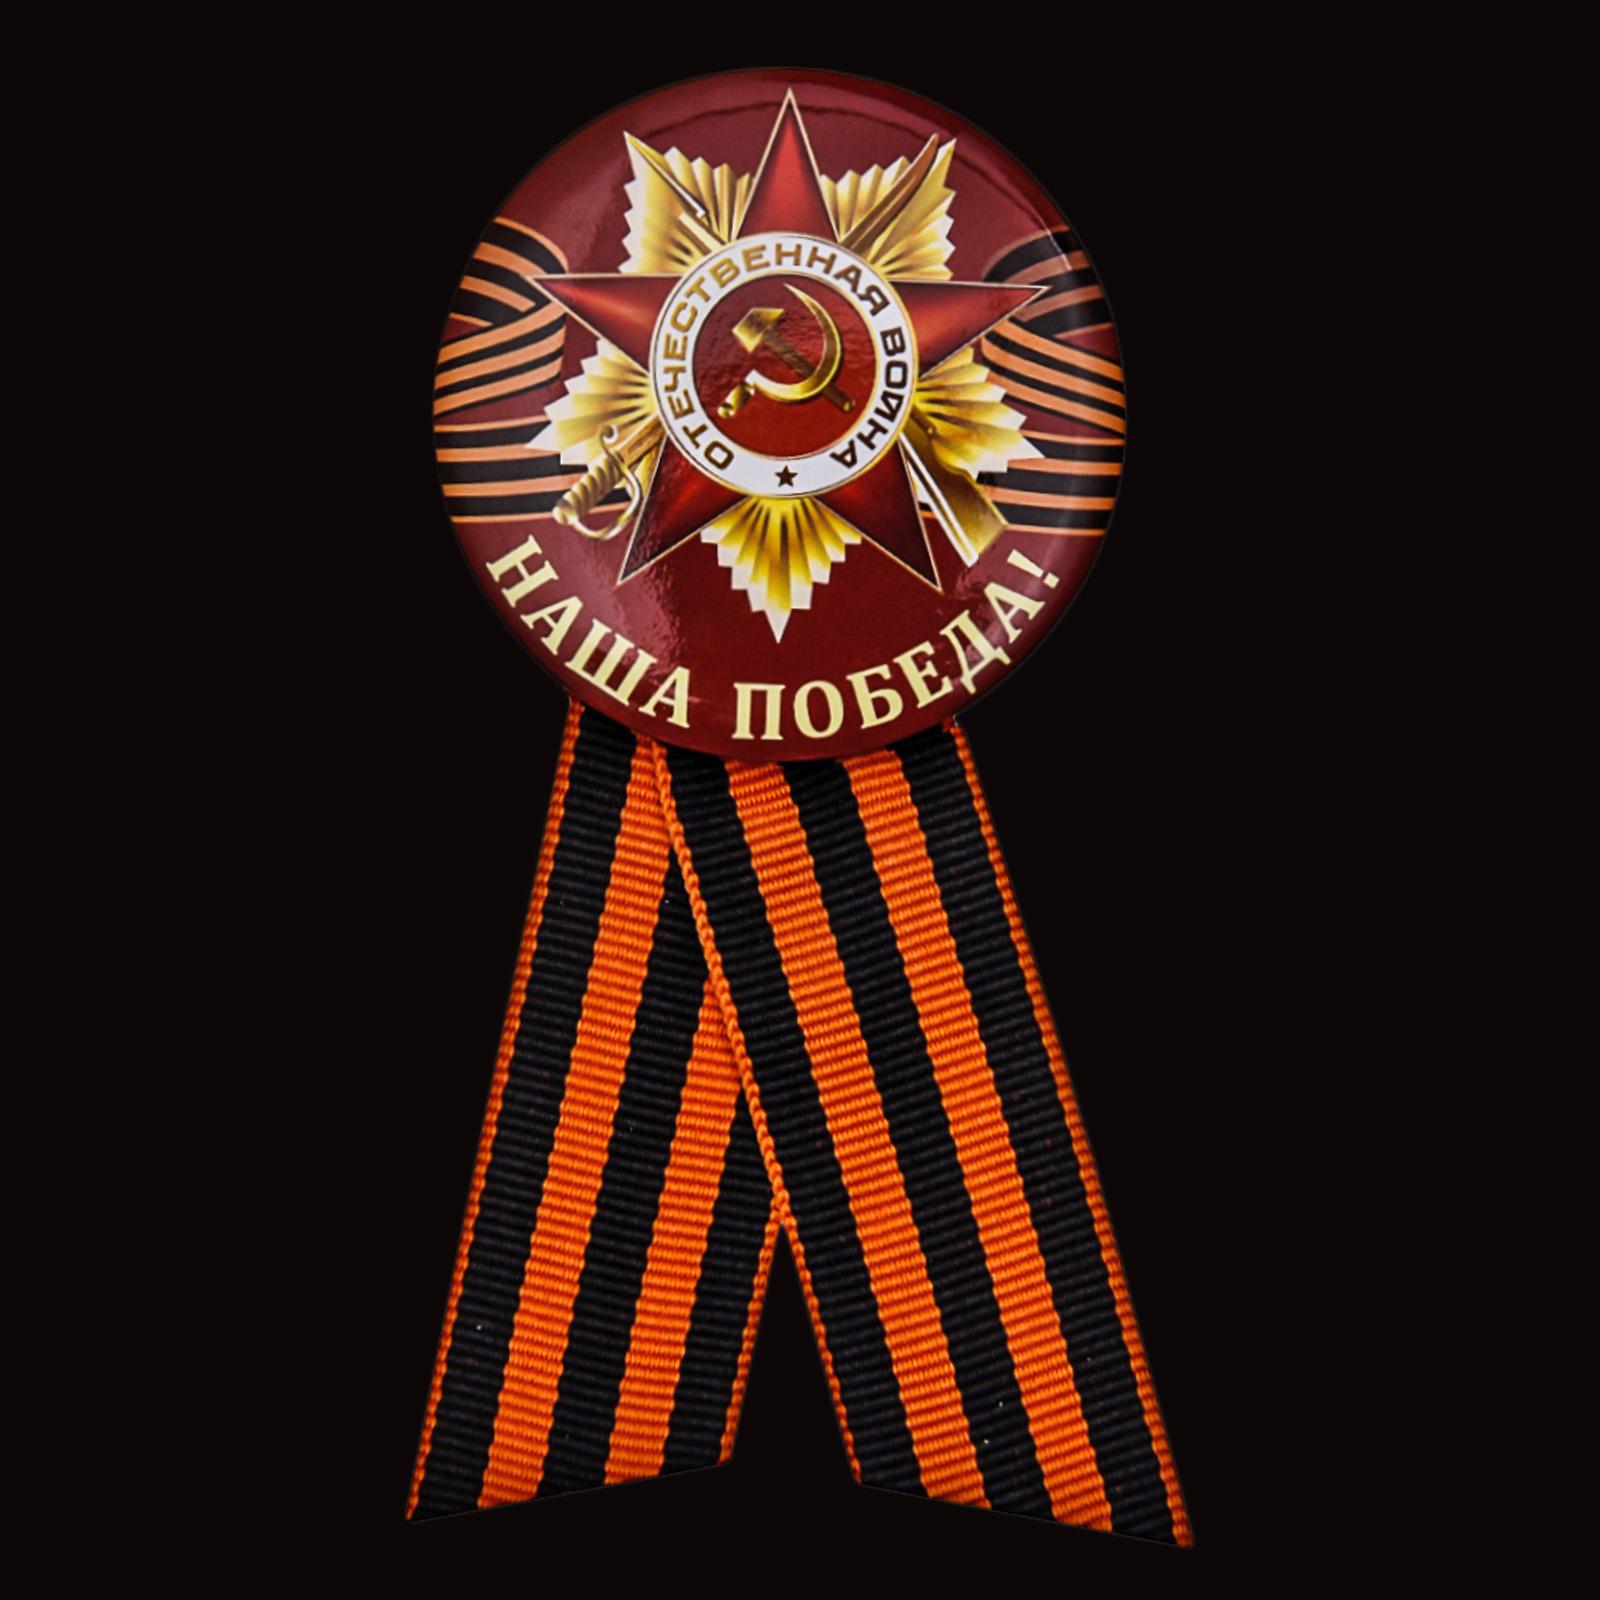 Значок «Наша Победа!» к 75-летию Победы в ВОВ от Военпро